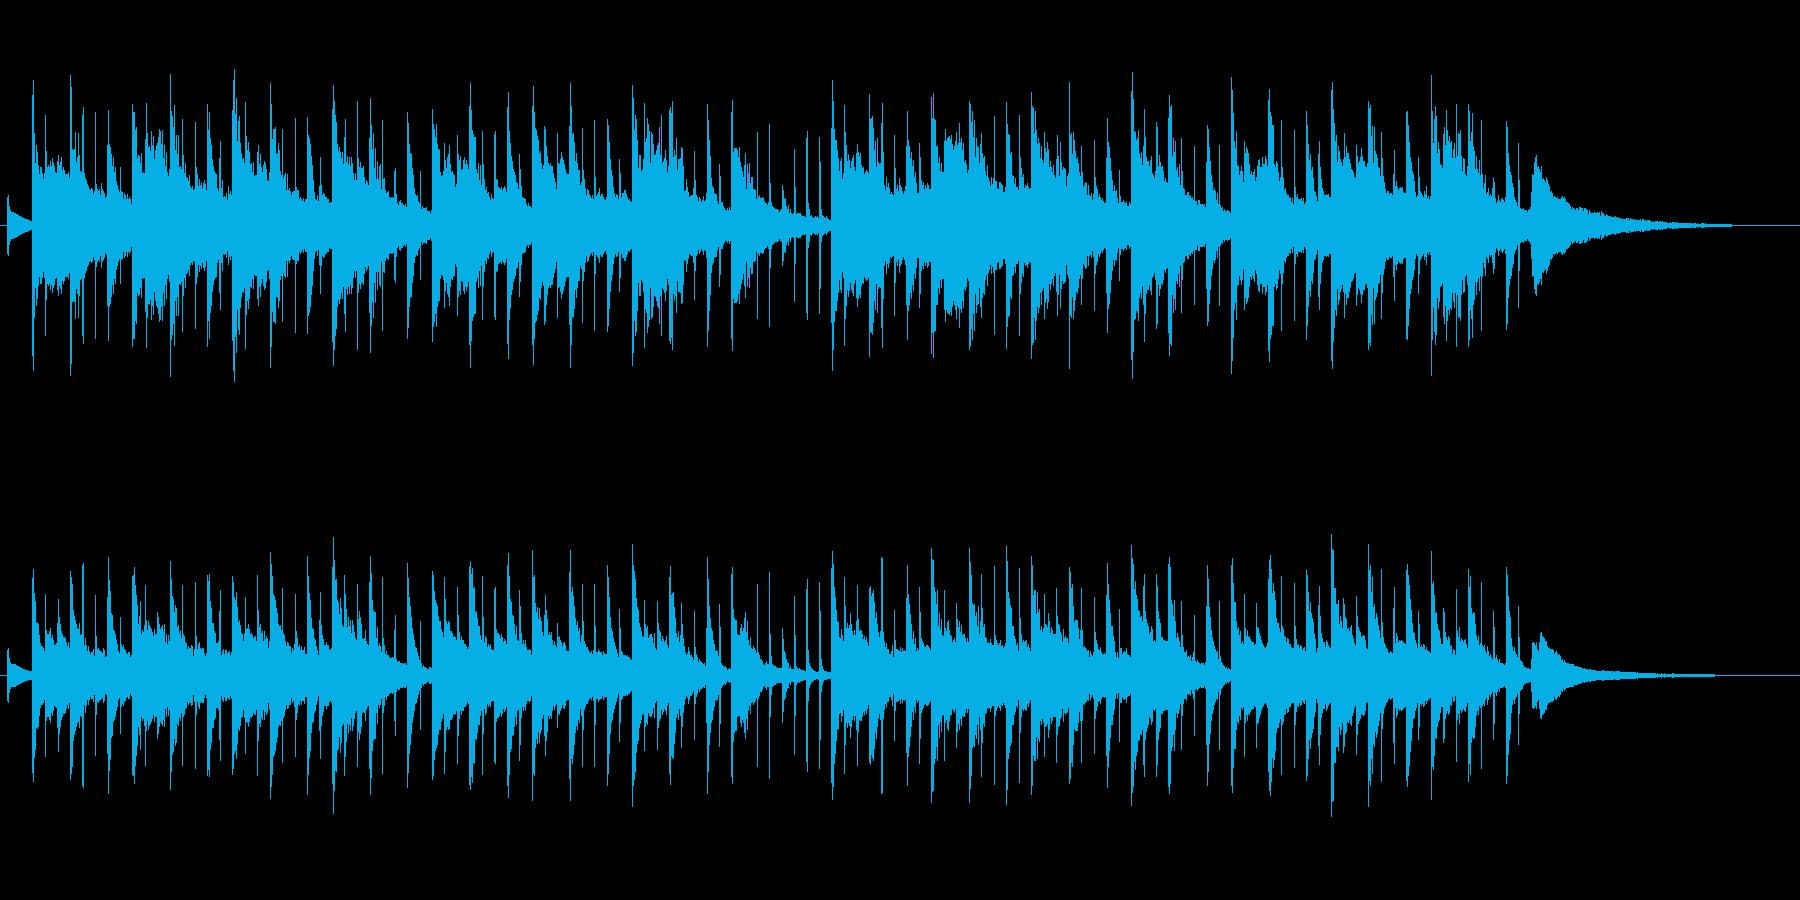 静かに流れるような、穏やかな曲の再生済みの波形